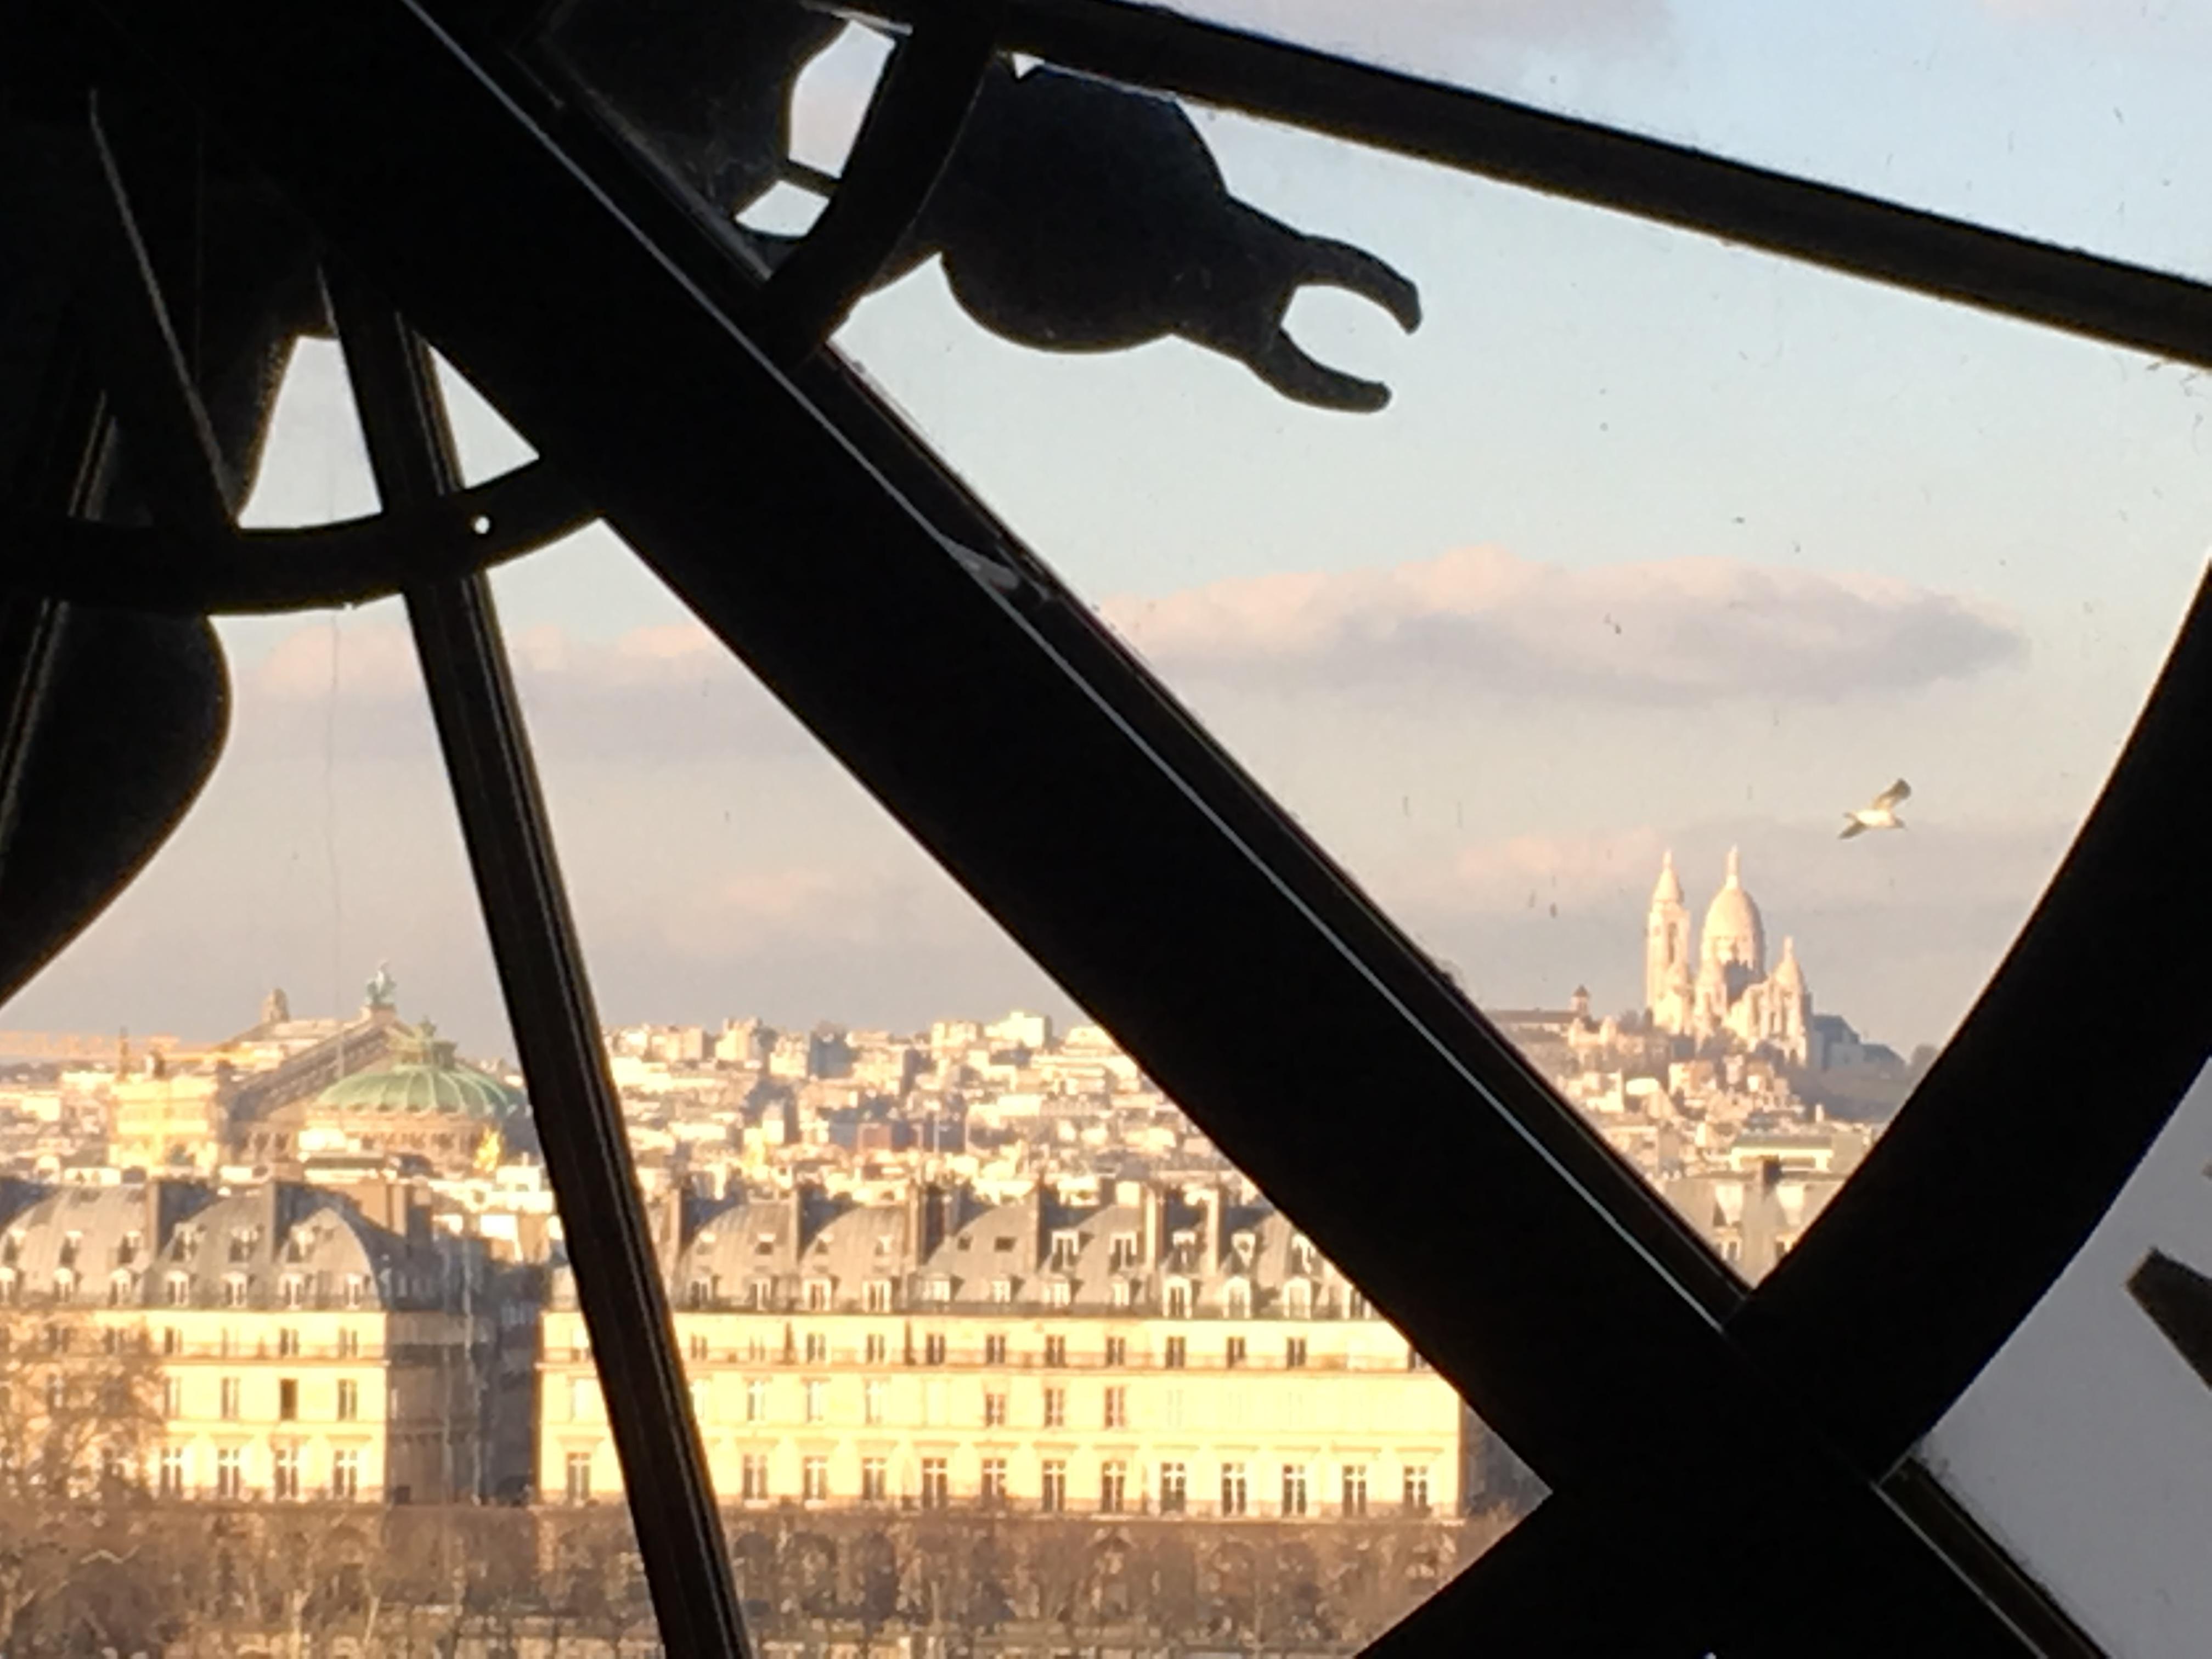 Vue Sacré Coeur, Musée d'Orsay